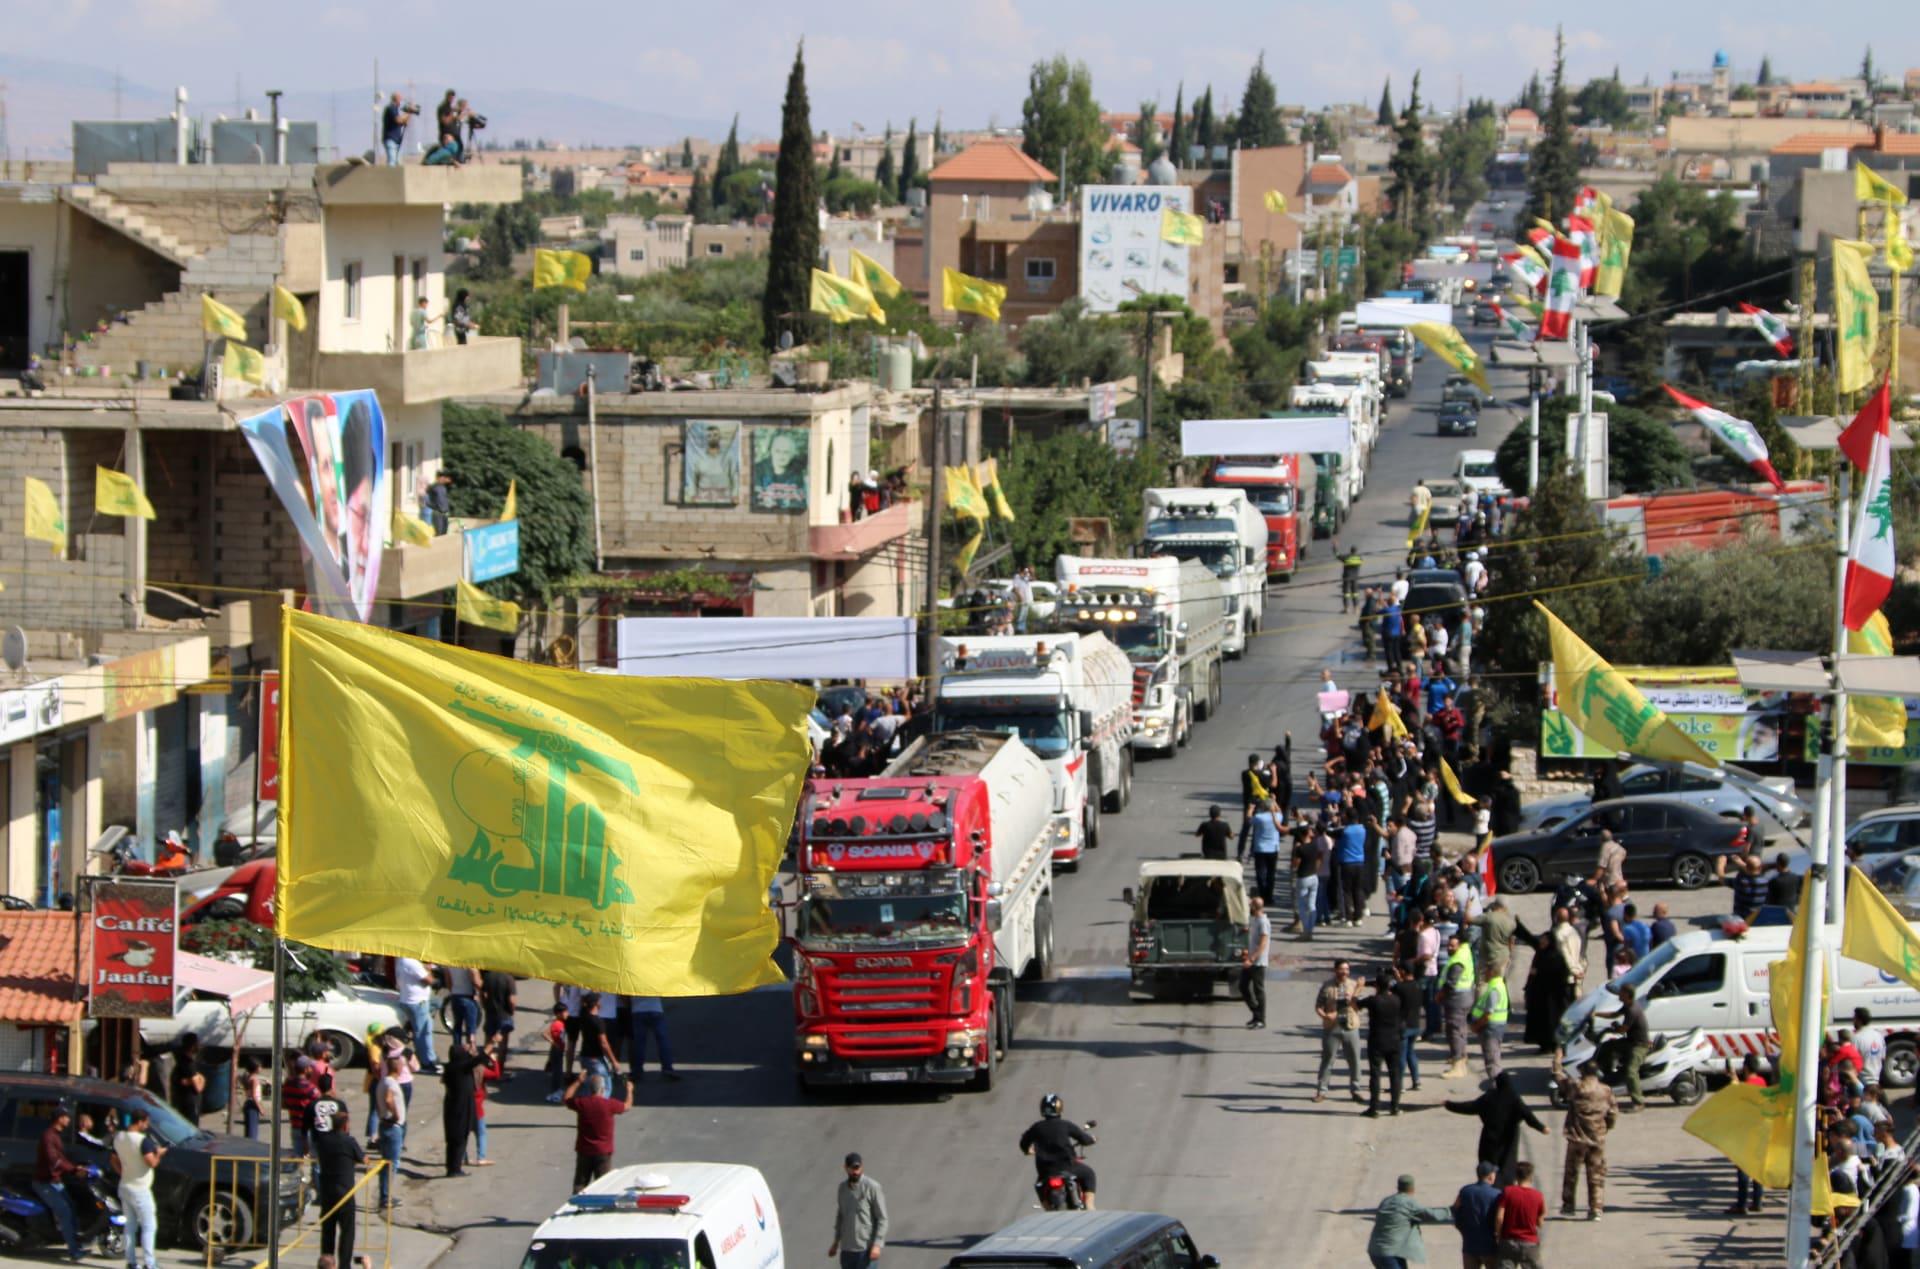 صهاريج تحمل وقودًا إيرانيًا تصل إلى مدينة العين في الهرمل شرق سهل البقاع في لبنان في 16 سبتمبر/ أيلول 2021.